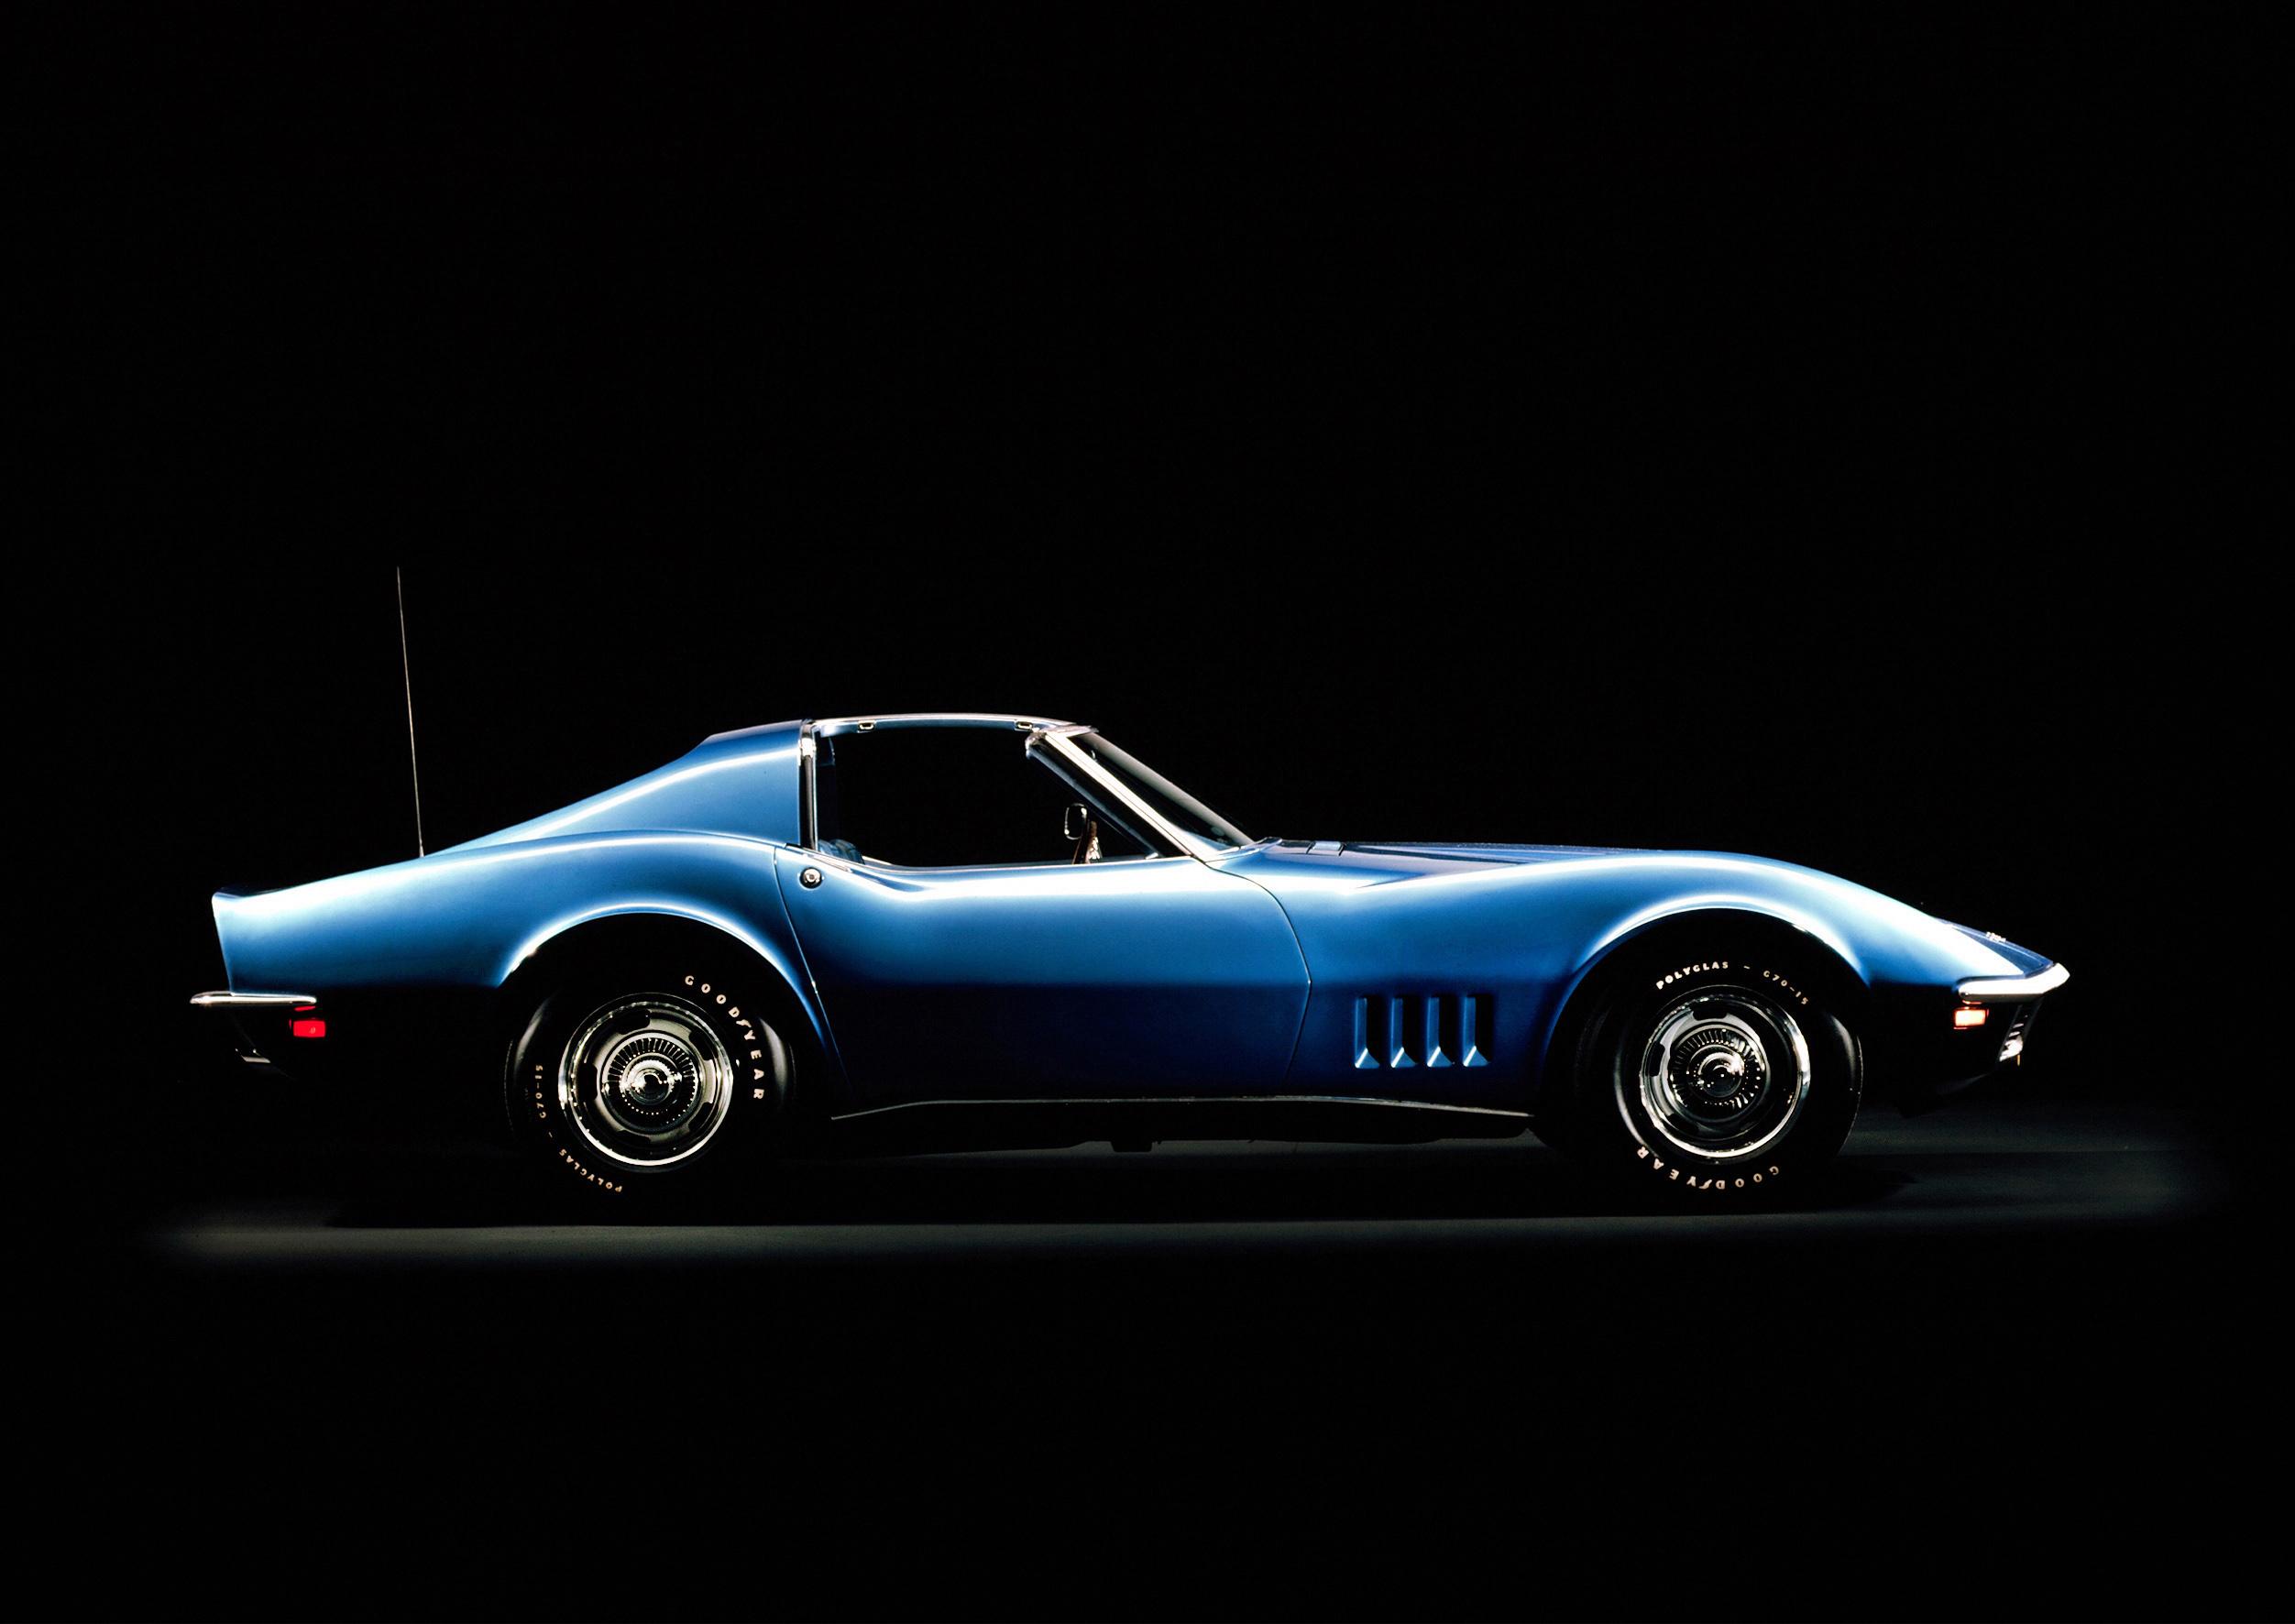 About Corvette – National Corvette Museum